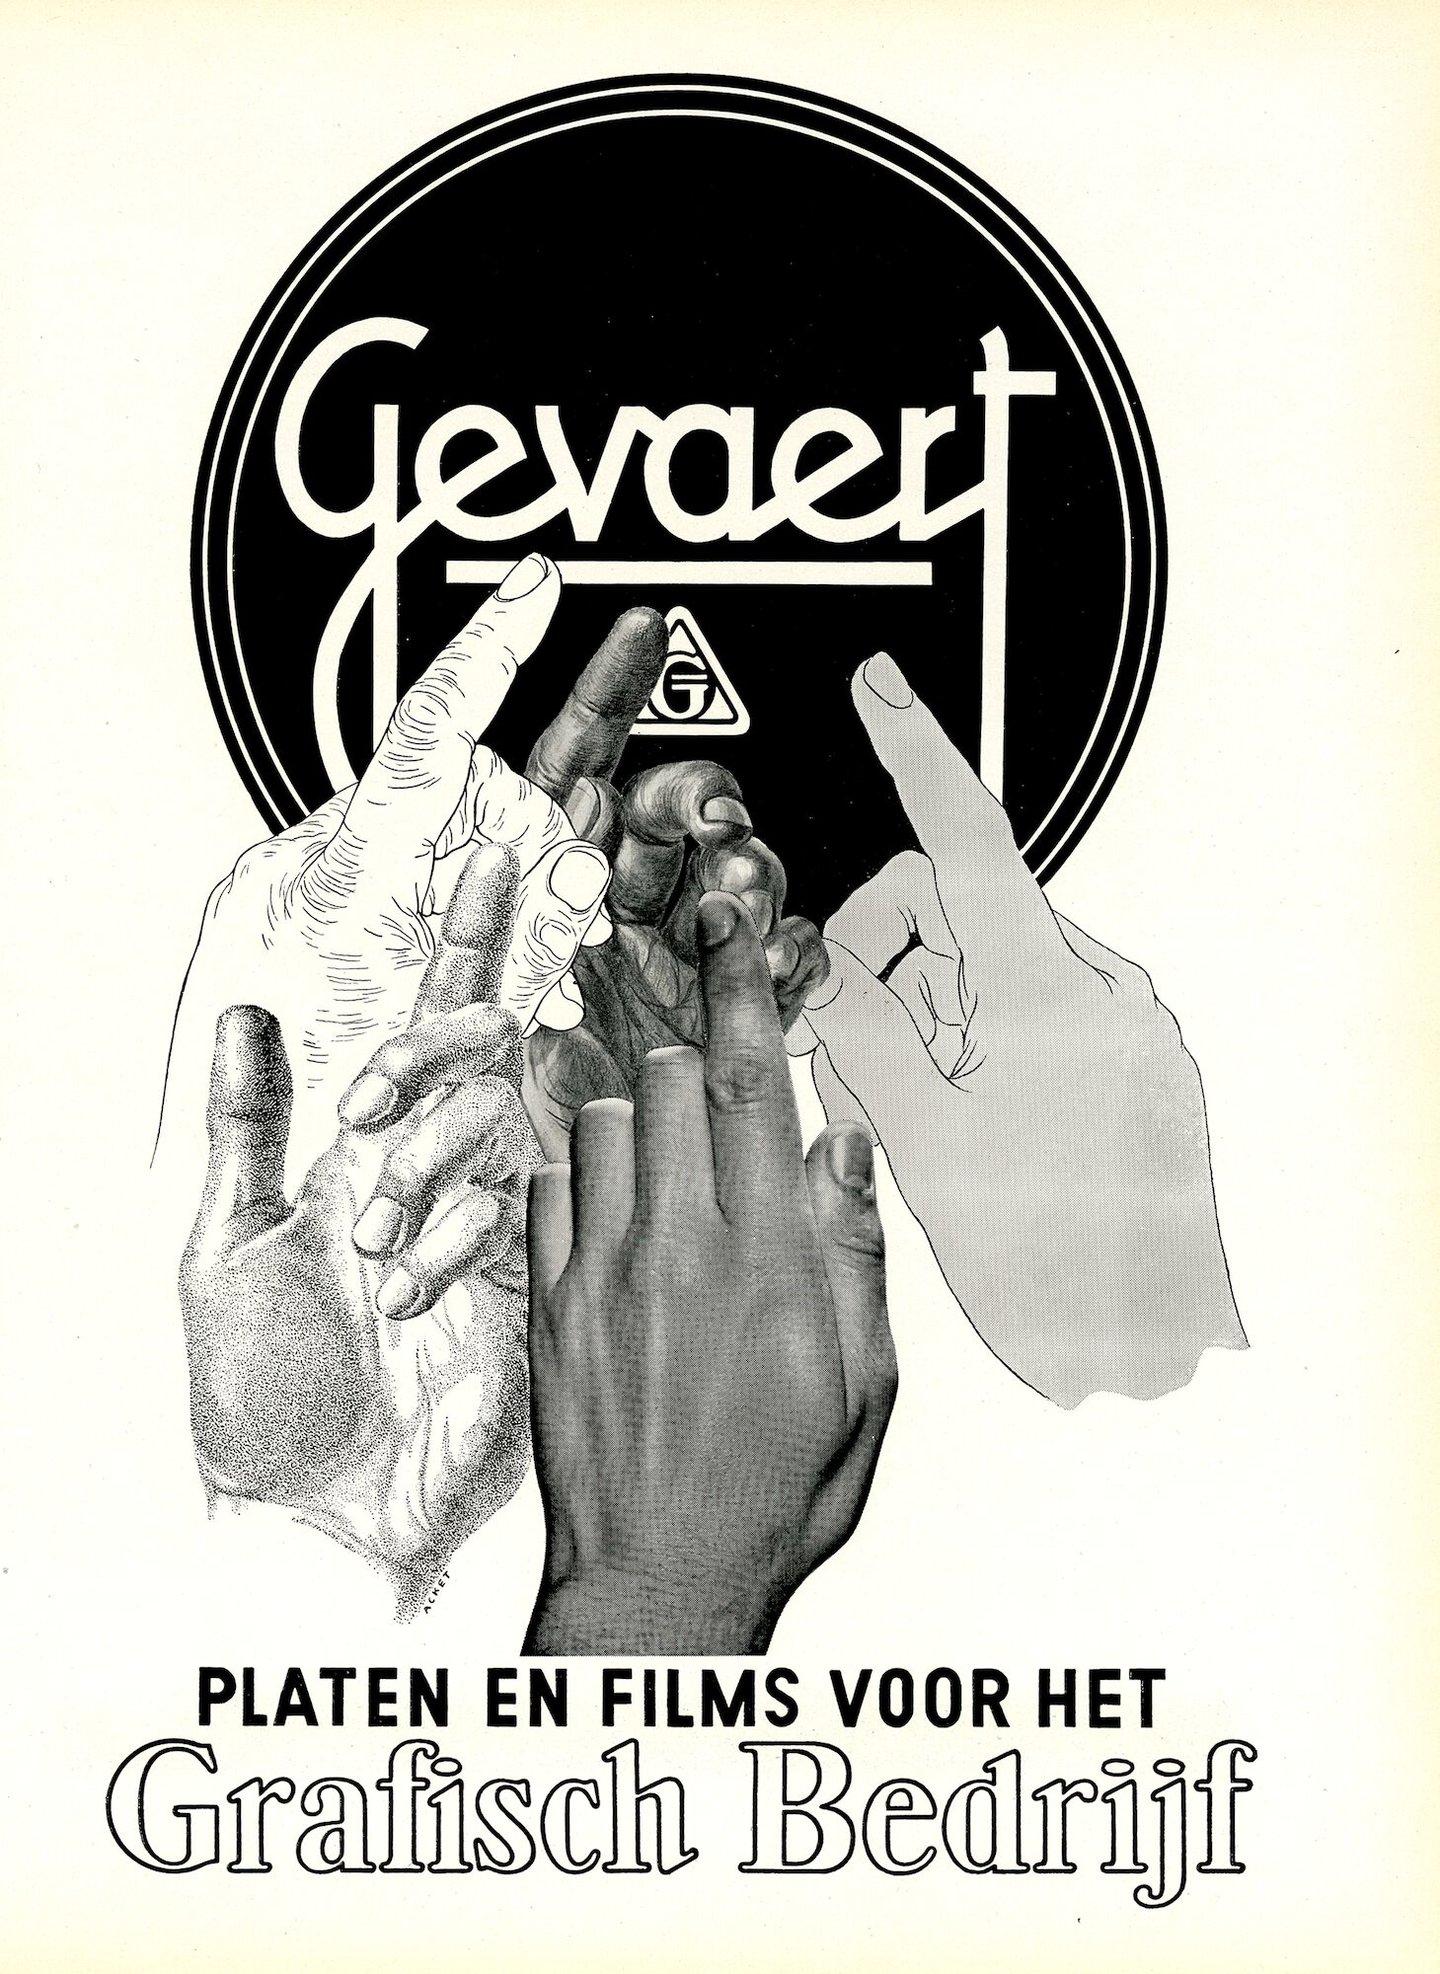 Reclame voor platen en films voor het grafisch bedrijf van het merk Gevaert